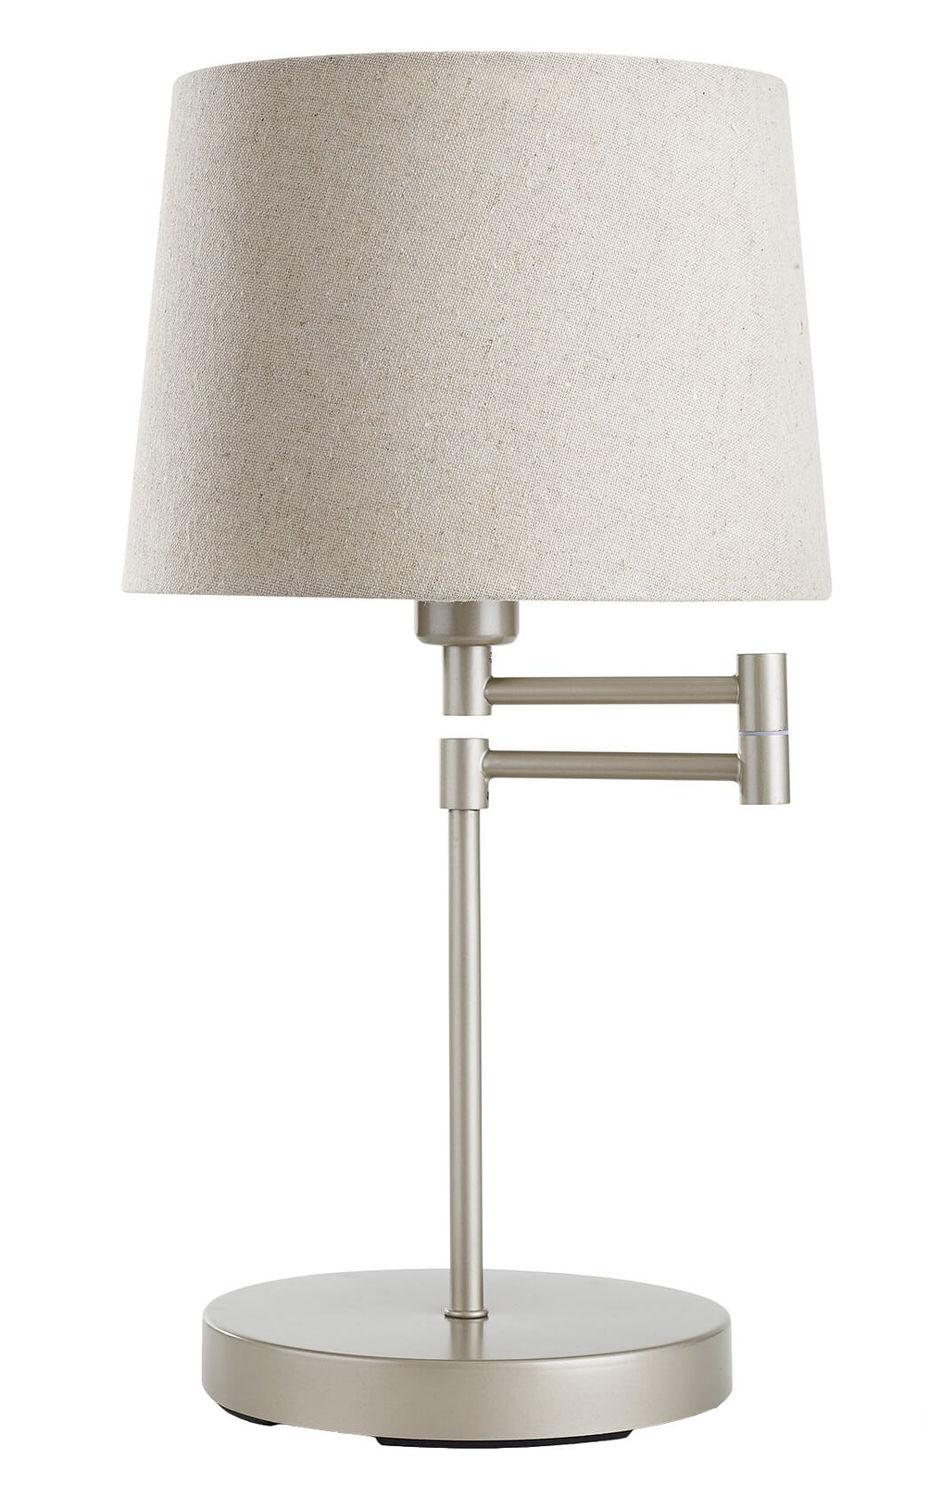 philips schlafzimmer lampe schlafzimmer deko schwarz wei. Black Bedroom Furniture Sets. Home Design Ideas